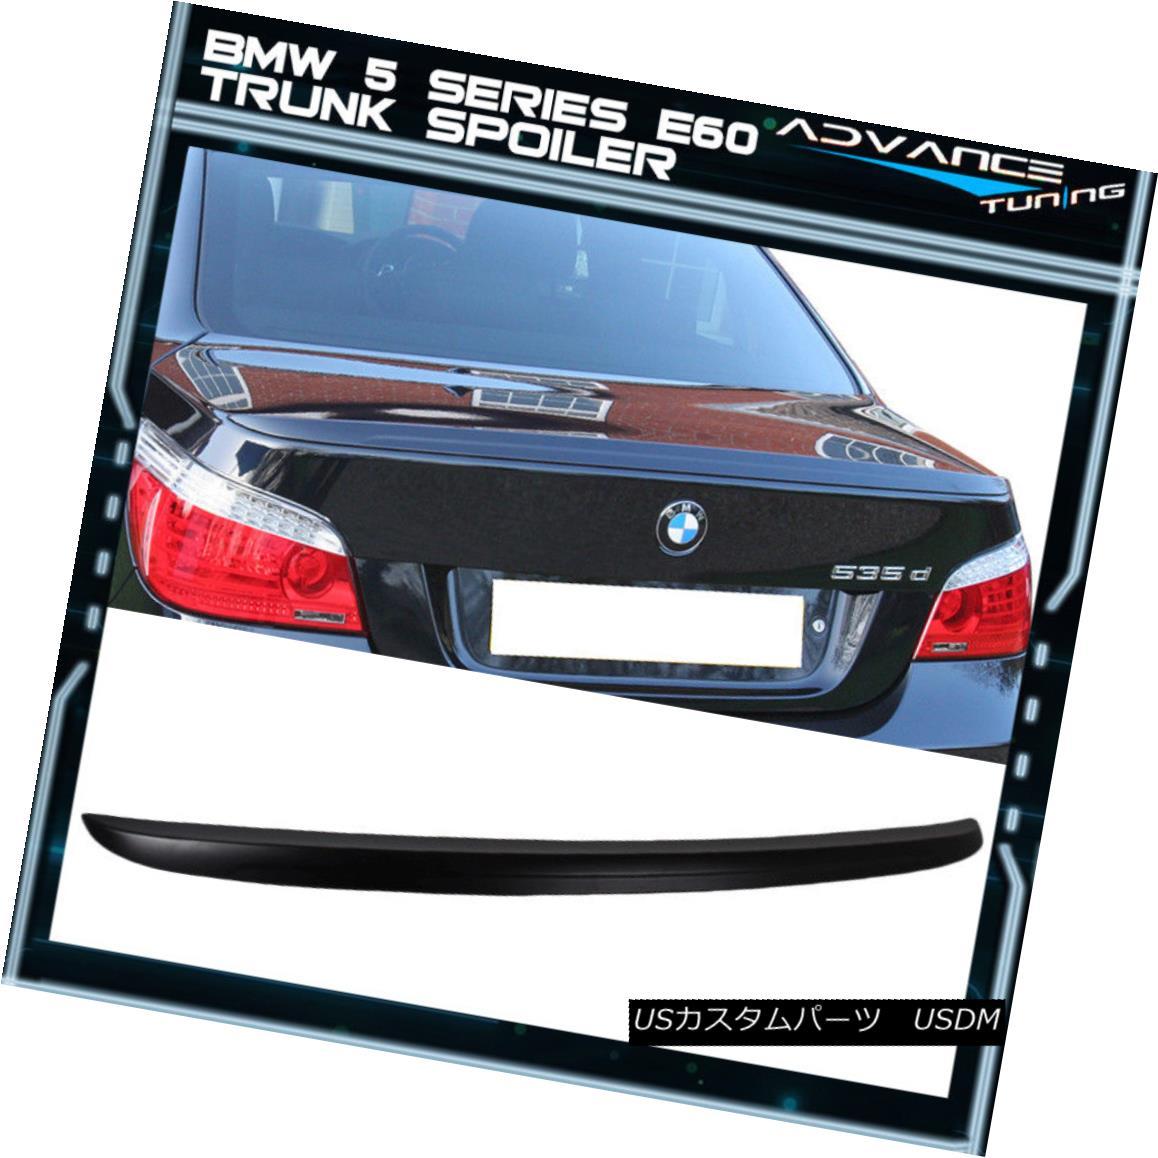 エアロパーツ Fit 04-10 BMW E60 5-Series Sedan M5 Style Trunk Spoiler Wing ABS フィット04-10 BMW E60 5シリーズセダンM5スタイルトランクスポイラーウィングABS